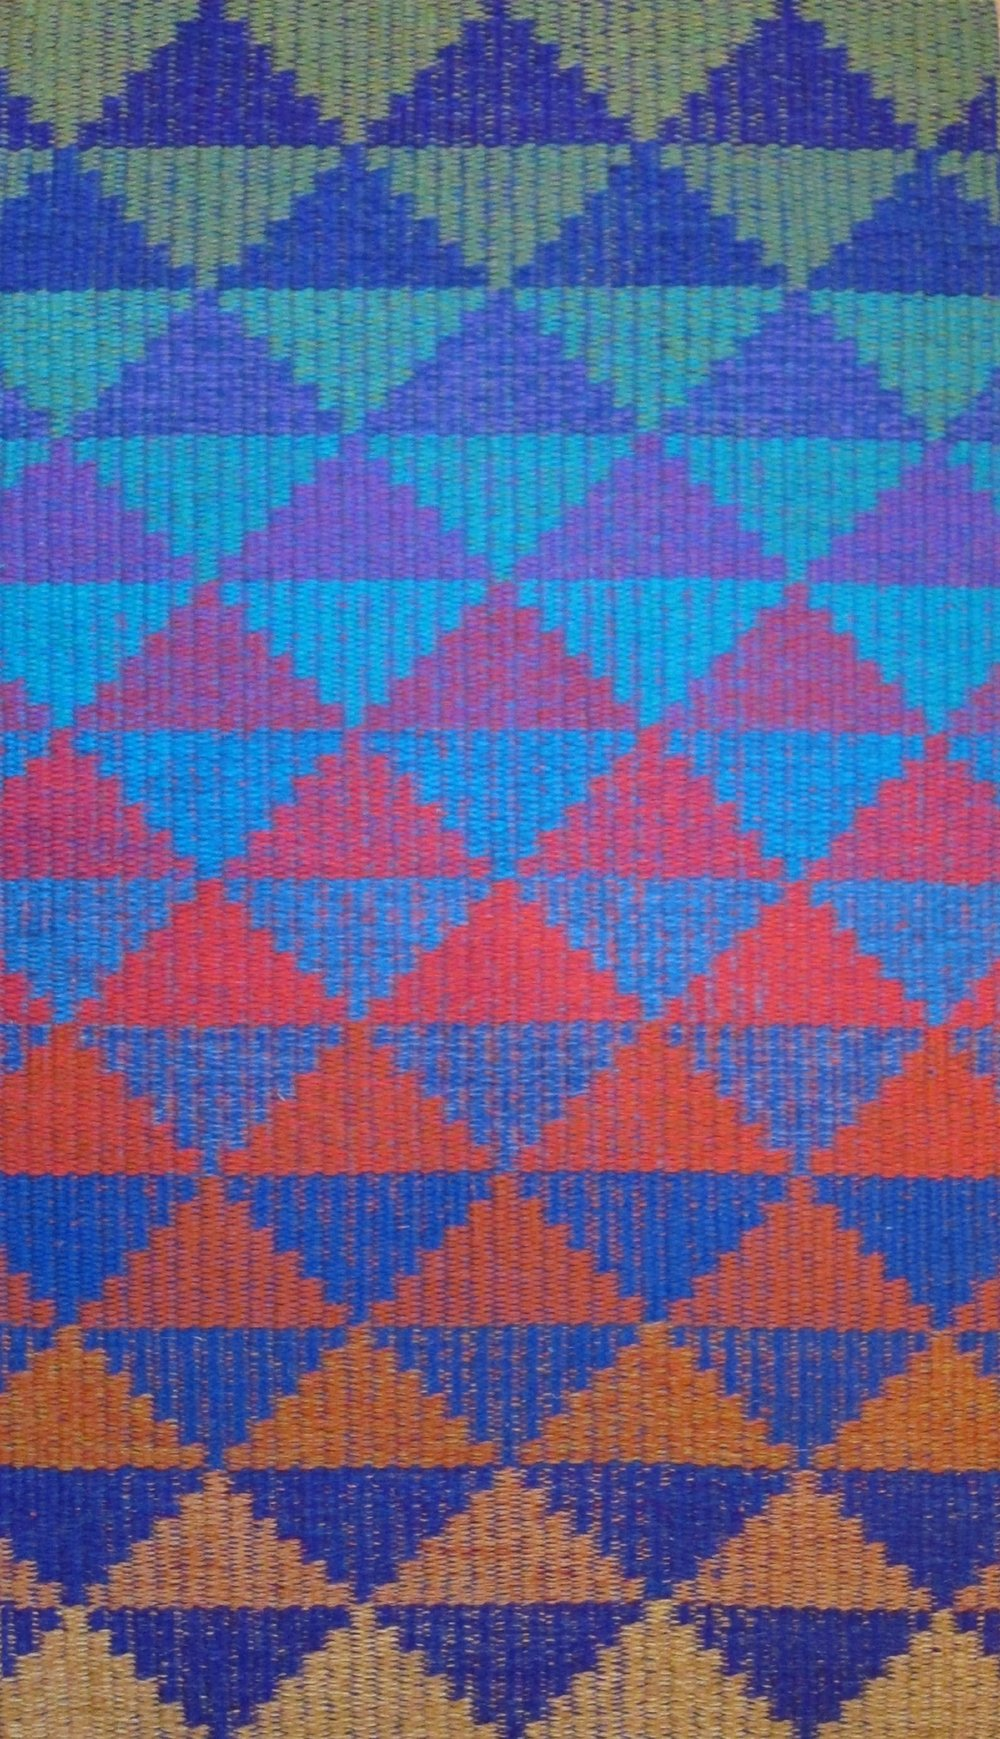 JJ0124. 'Changes'.  Wool & linen. 98 x 160 cm.